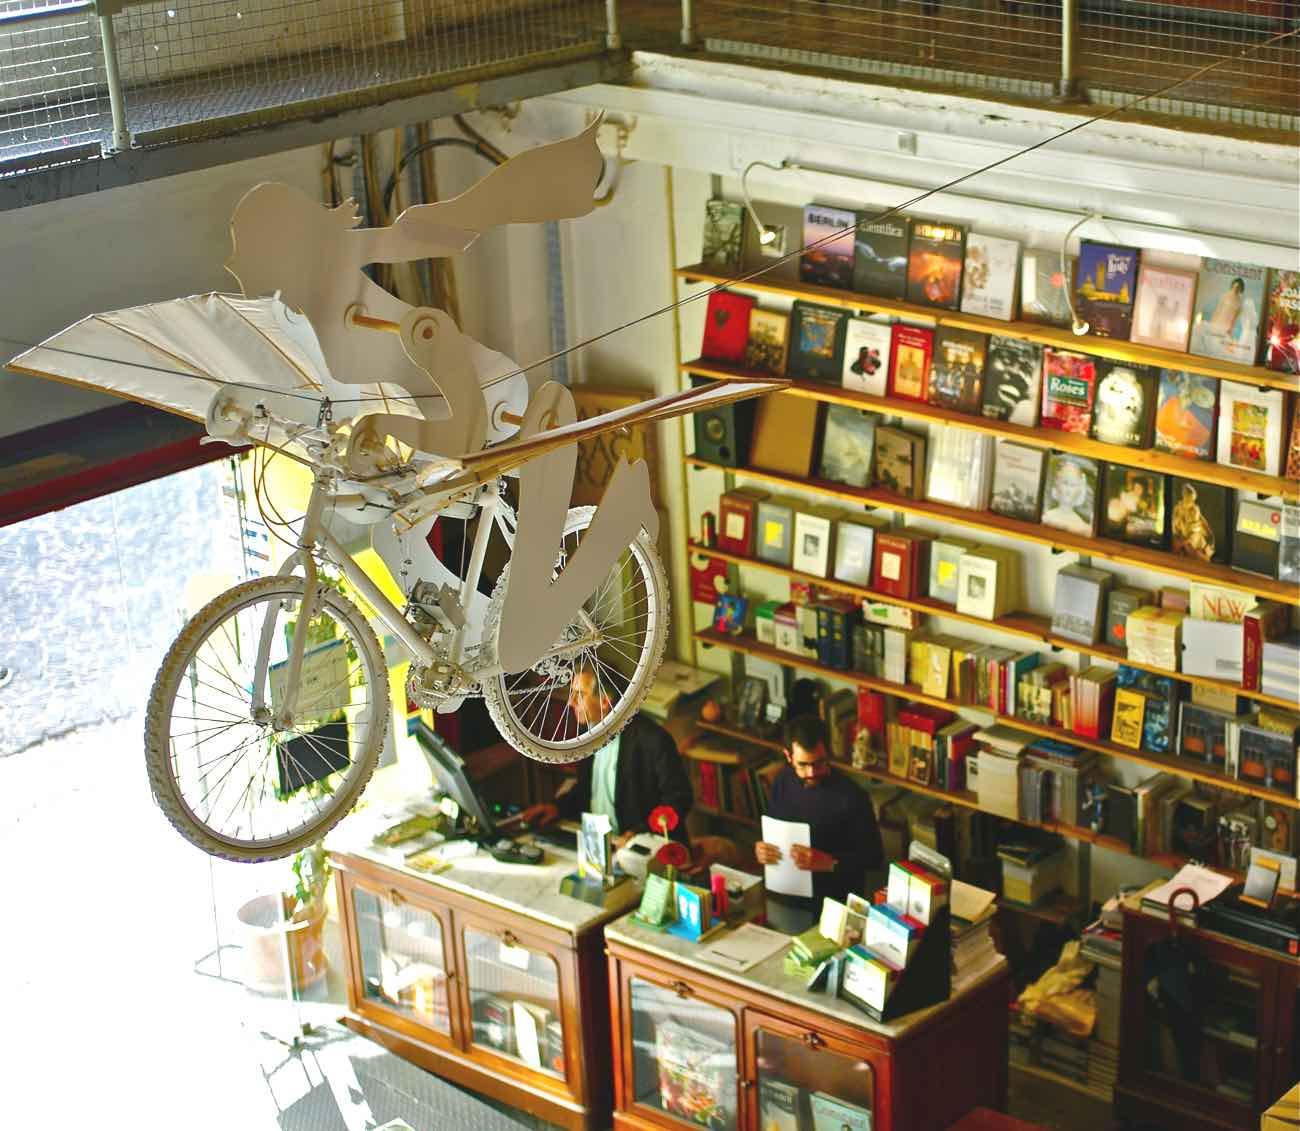 lisbon hidden gems secrets bookstore ler devagar lx factory lisboa